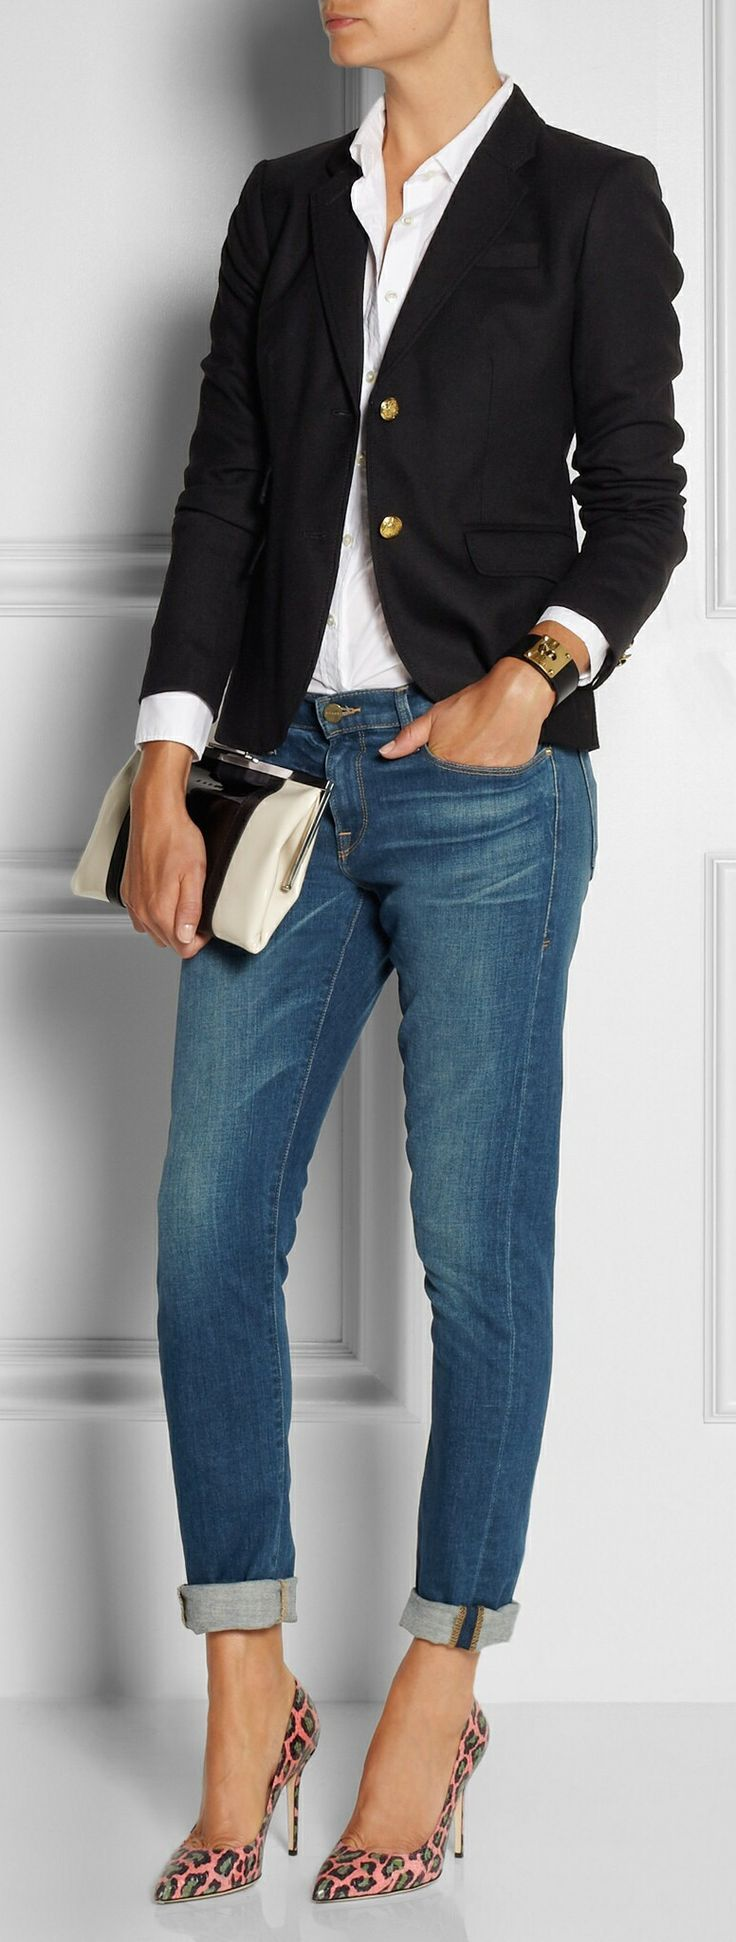 le chic des escarpins sur une tenue classique ainsi qu'une jolie pochette : tu as tout bon!